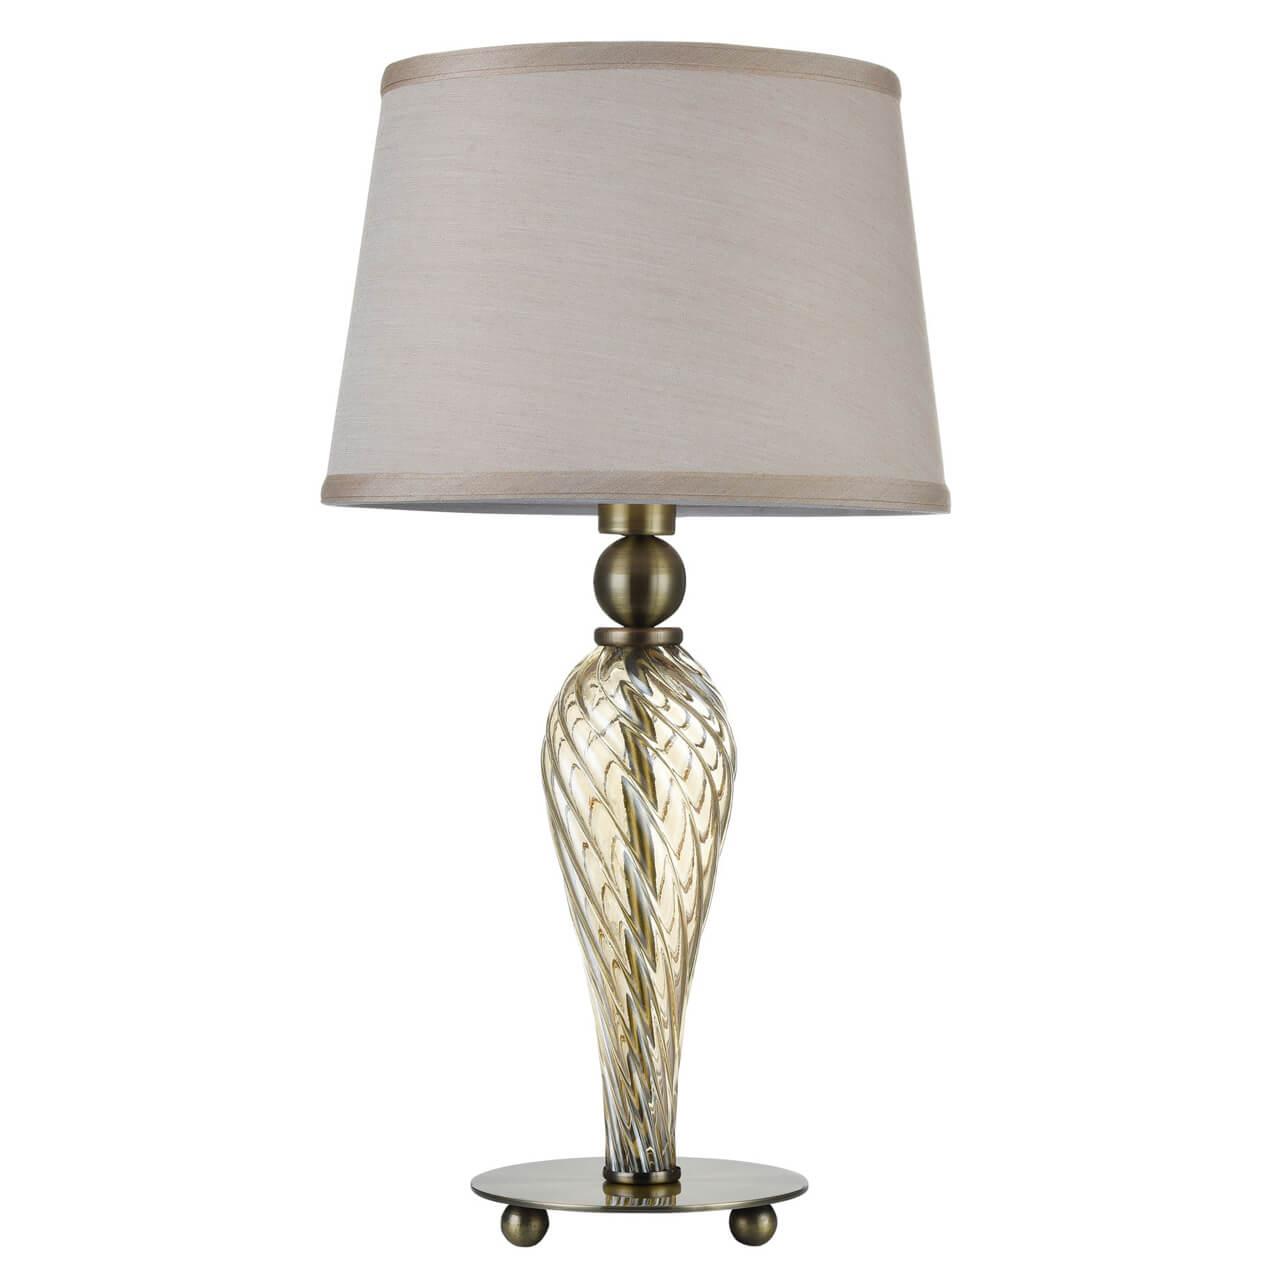 Настольная лампа Maytoni ARM855-TL-01-R Murano